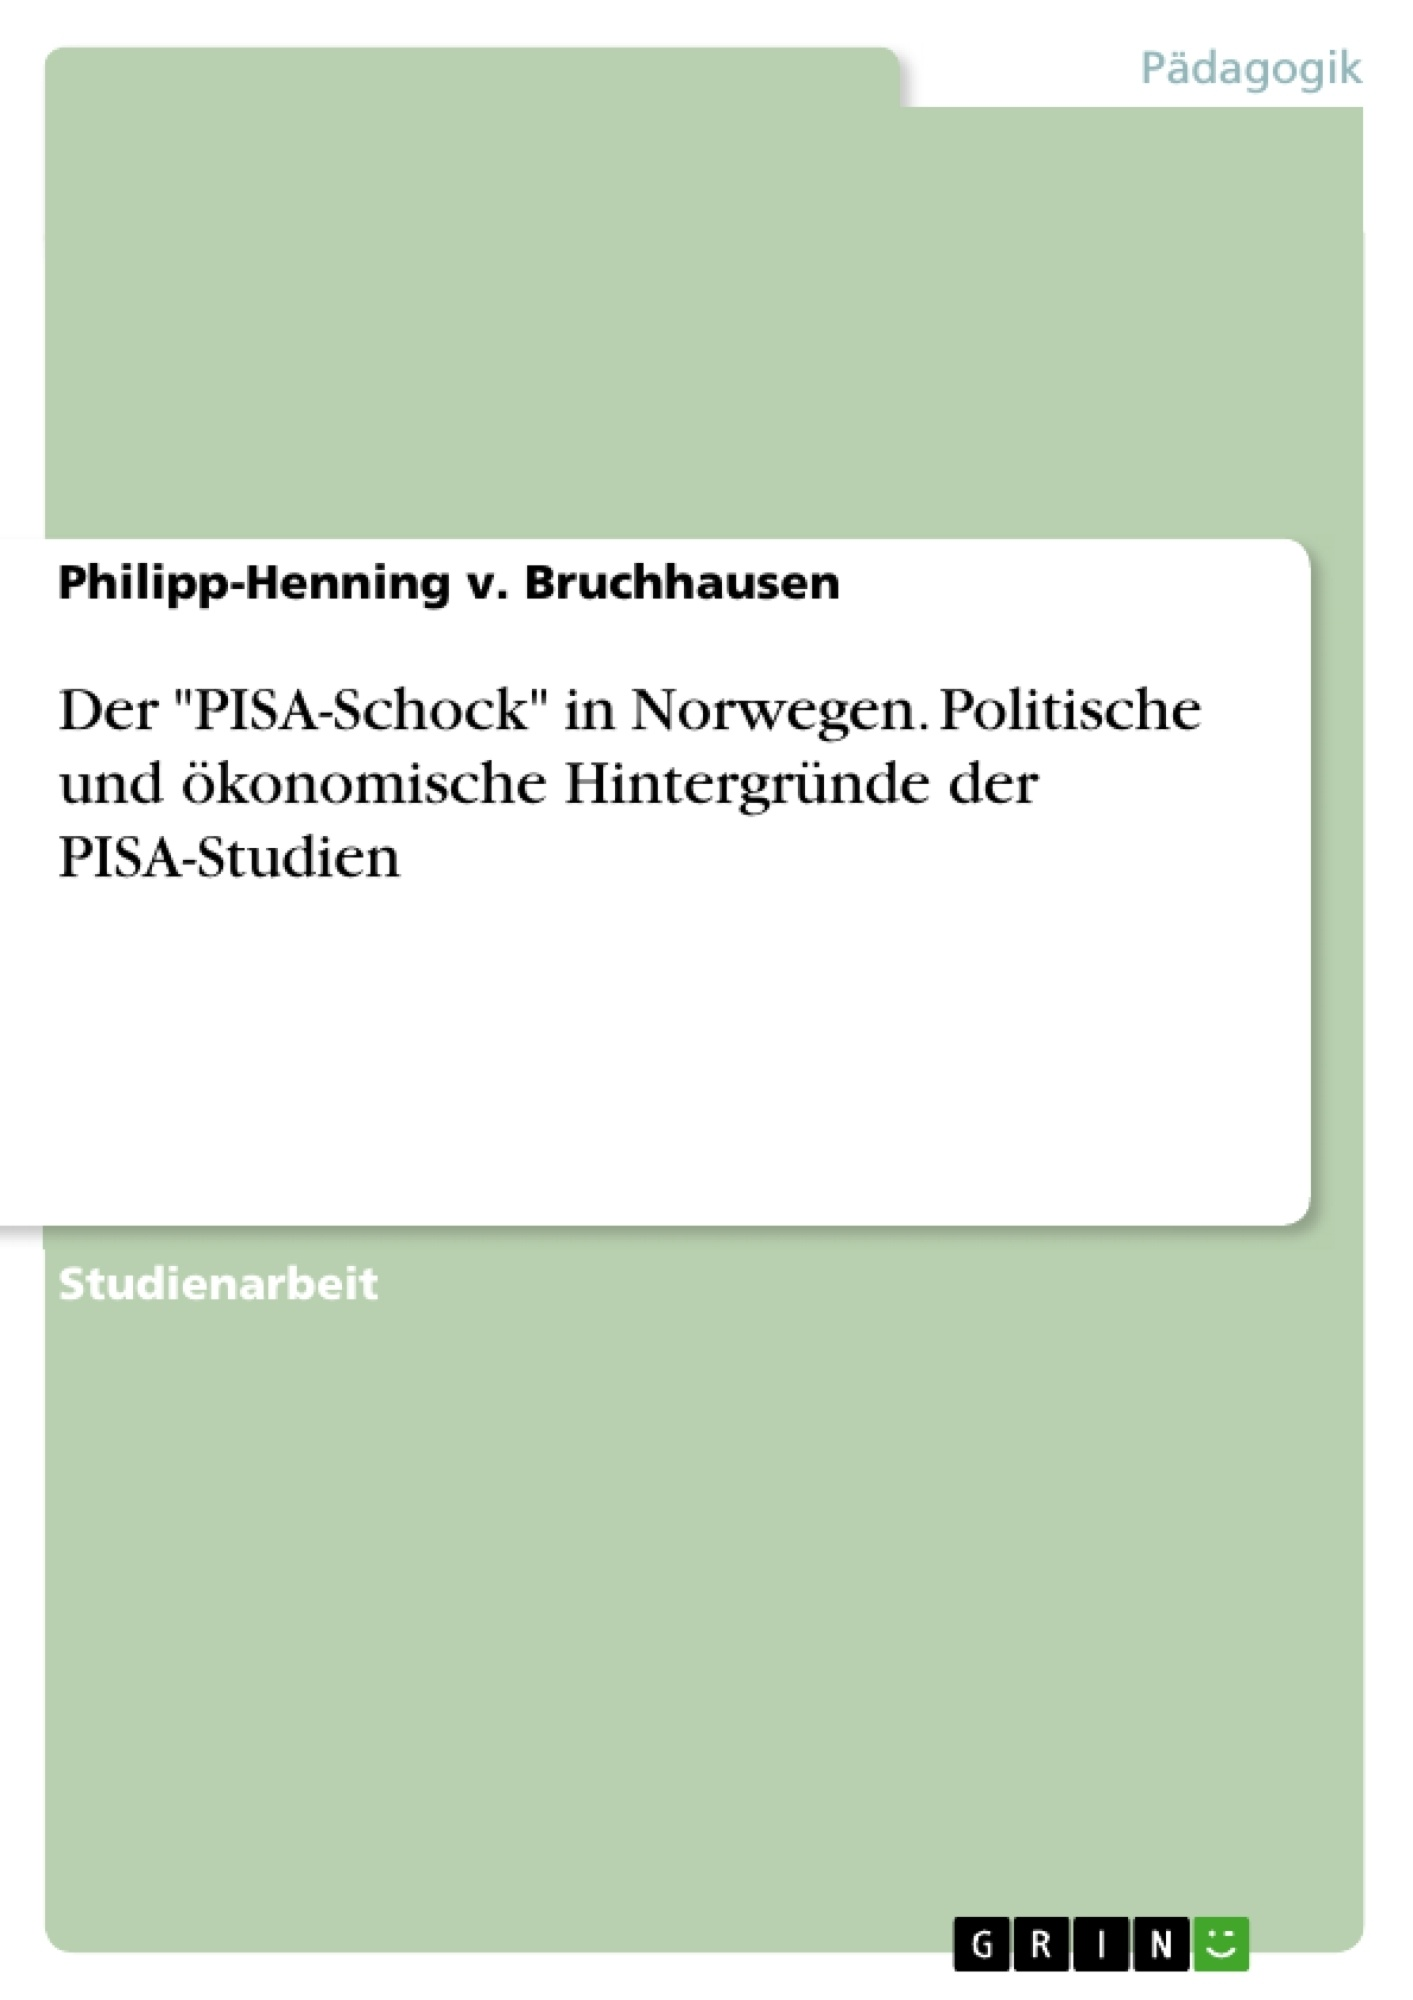 """Titel: Der """"PISA-Schock"""" in Norwegen. Politische und ökonomische Hintergründe der PISA-Studien"""